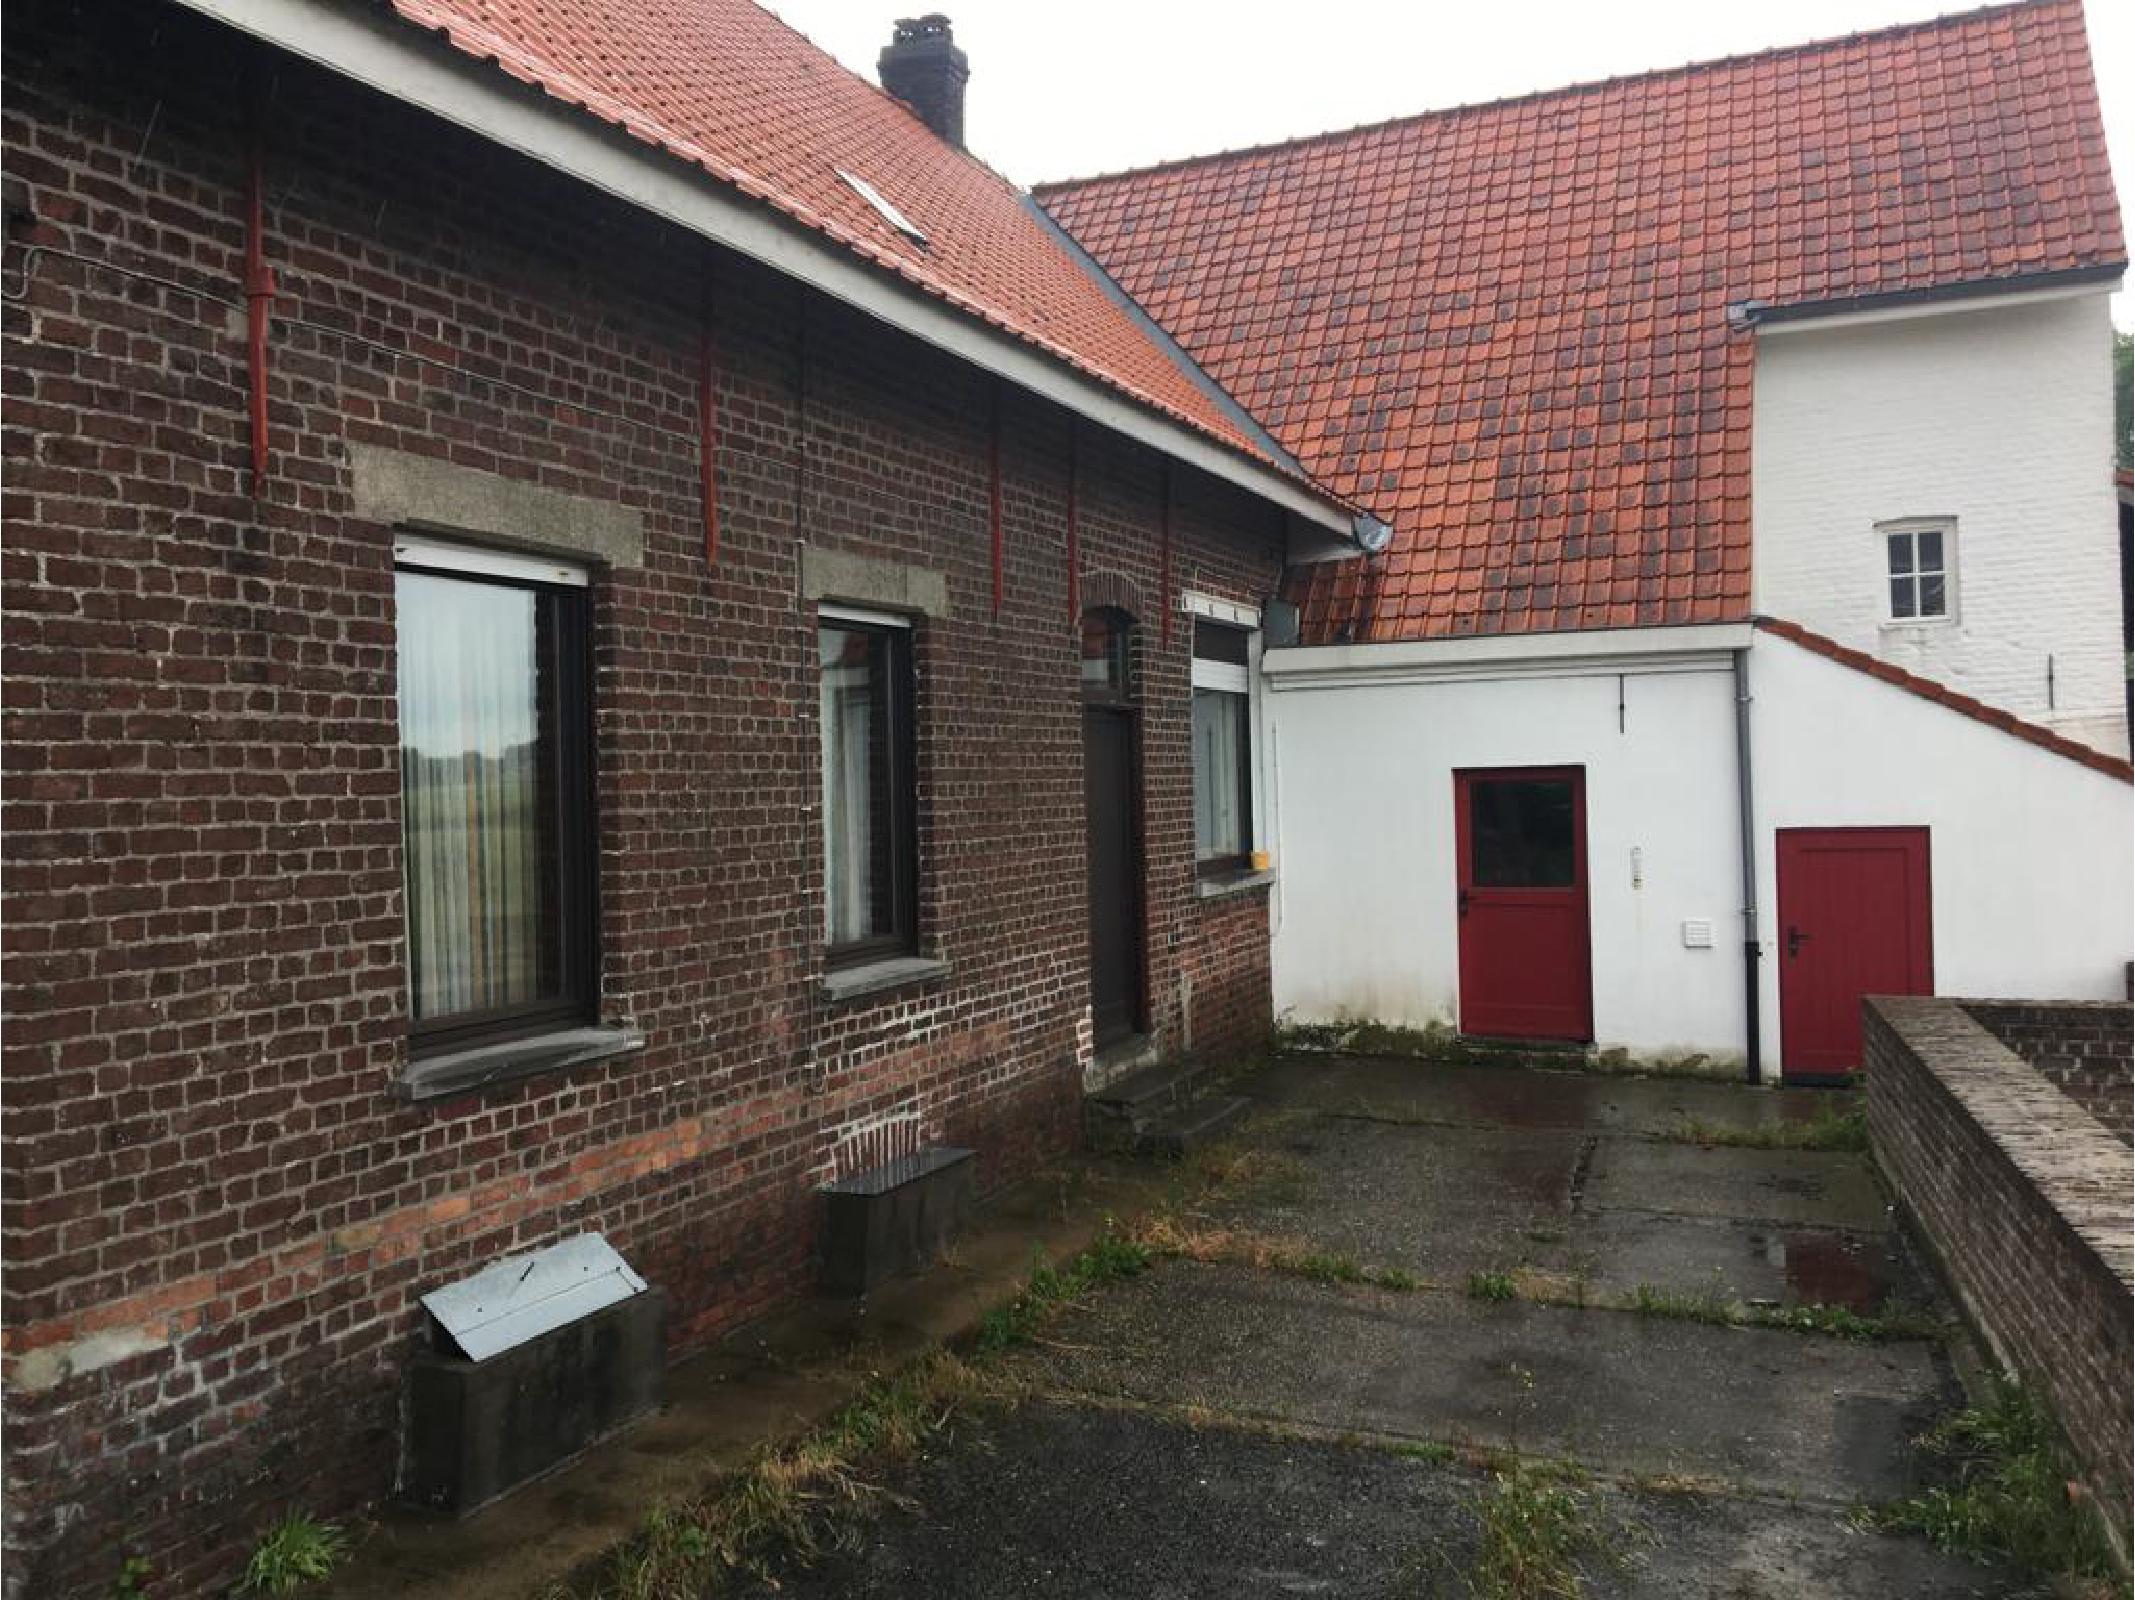 Walskerke